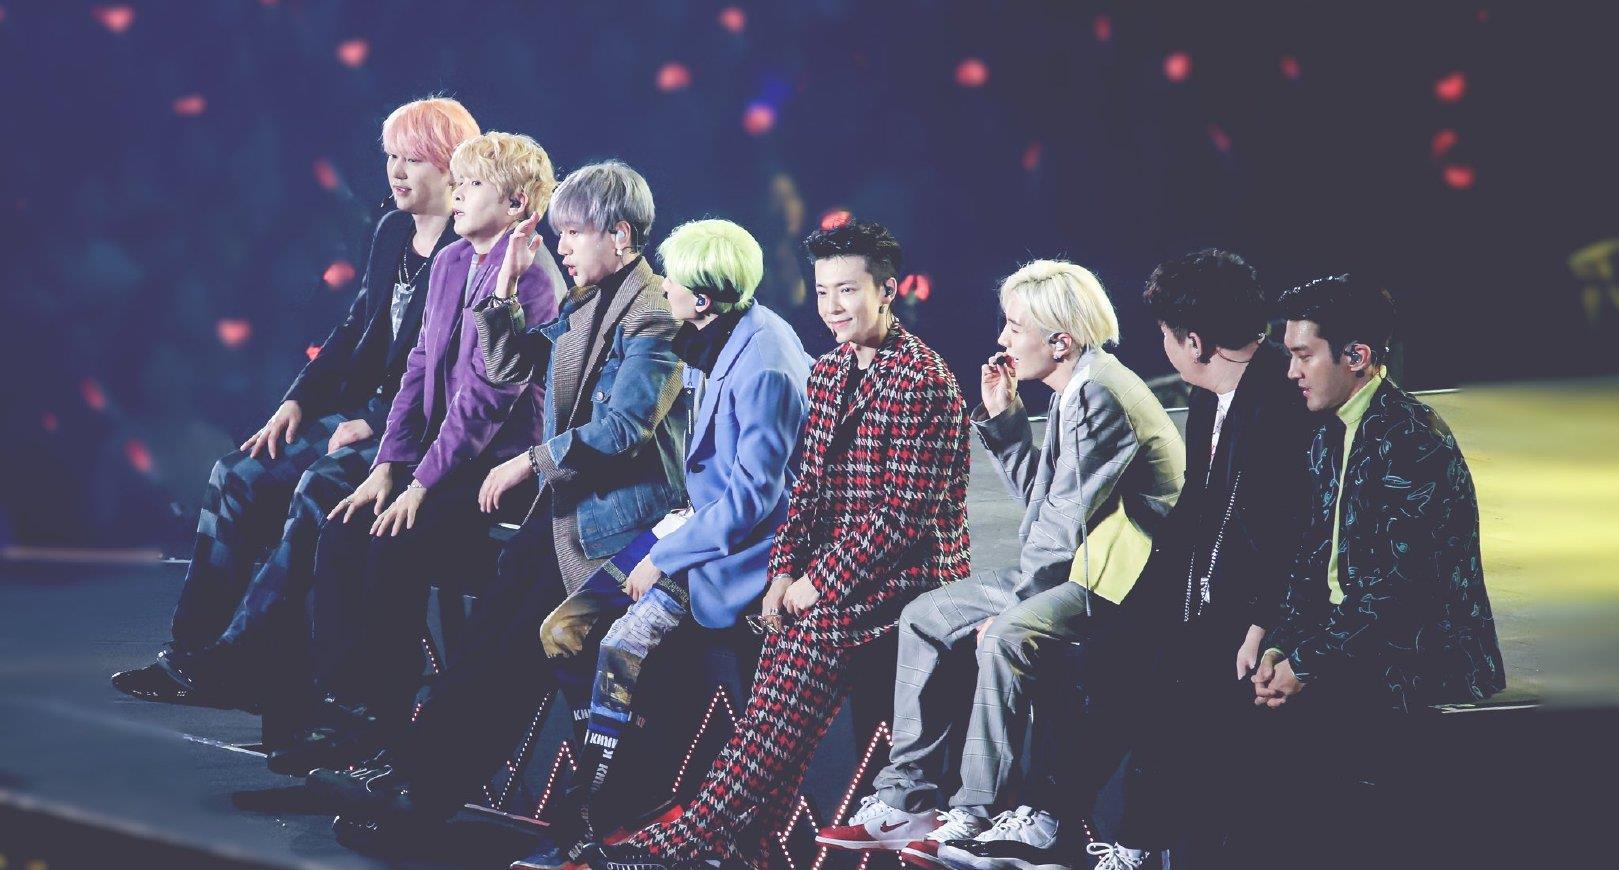 2019韩国歌曲排行_韩国音乐 CNBLUE台湾发行金曲专辑 Blue Hits for Asia 跃升排